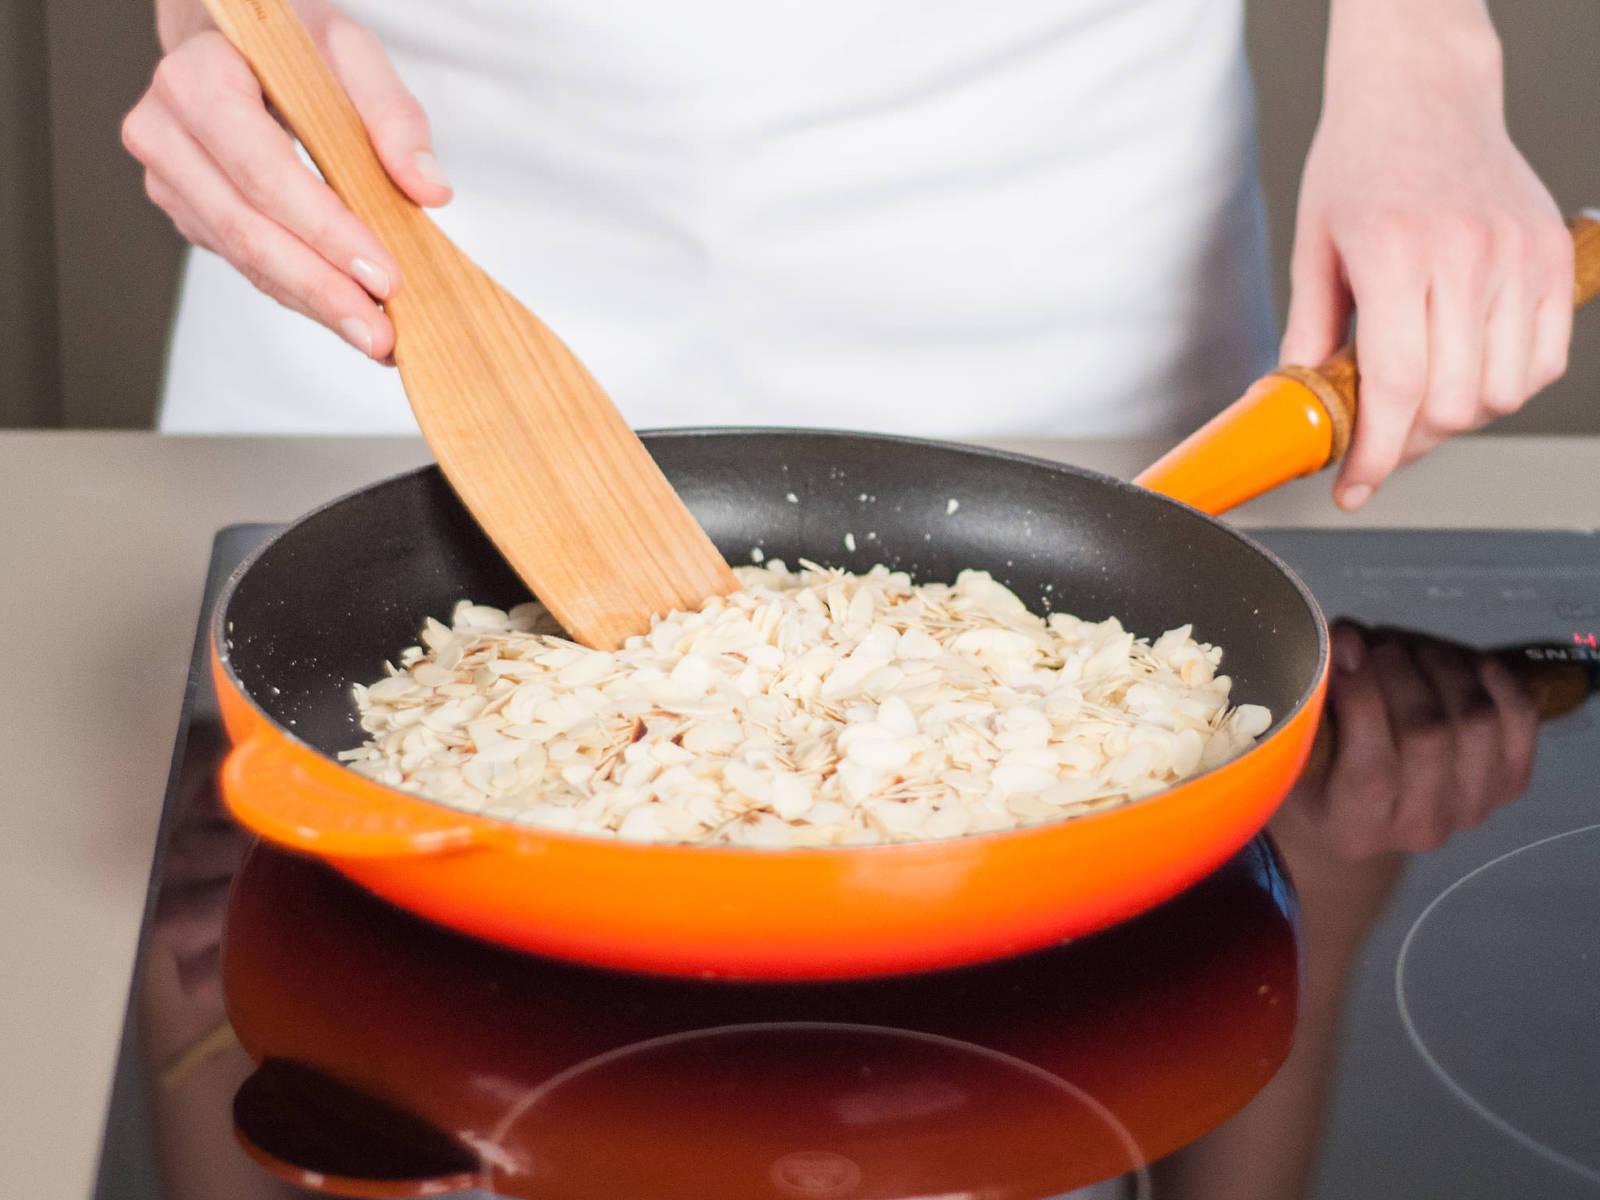 Gehobelte Mandeln in einer fettfreien Pfanne bei mittlerer Hitze rösten bis sie hellbraun sind und duften.